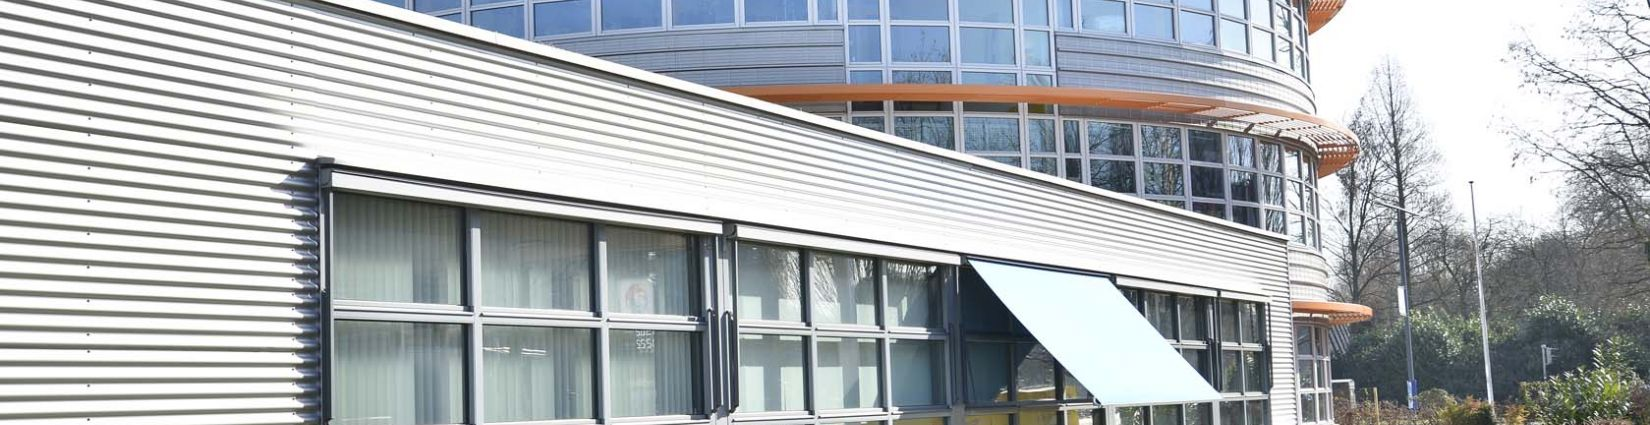 Hans Petrischool - Dordrecht